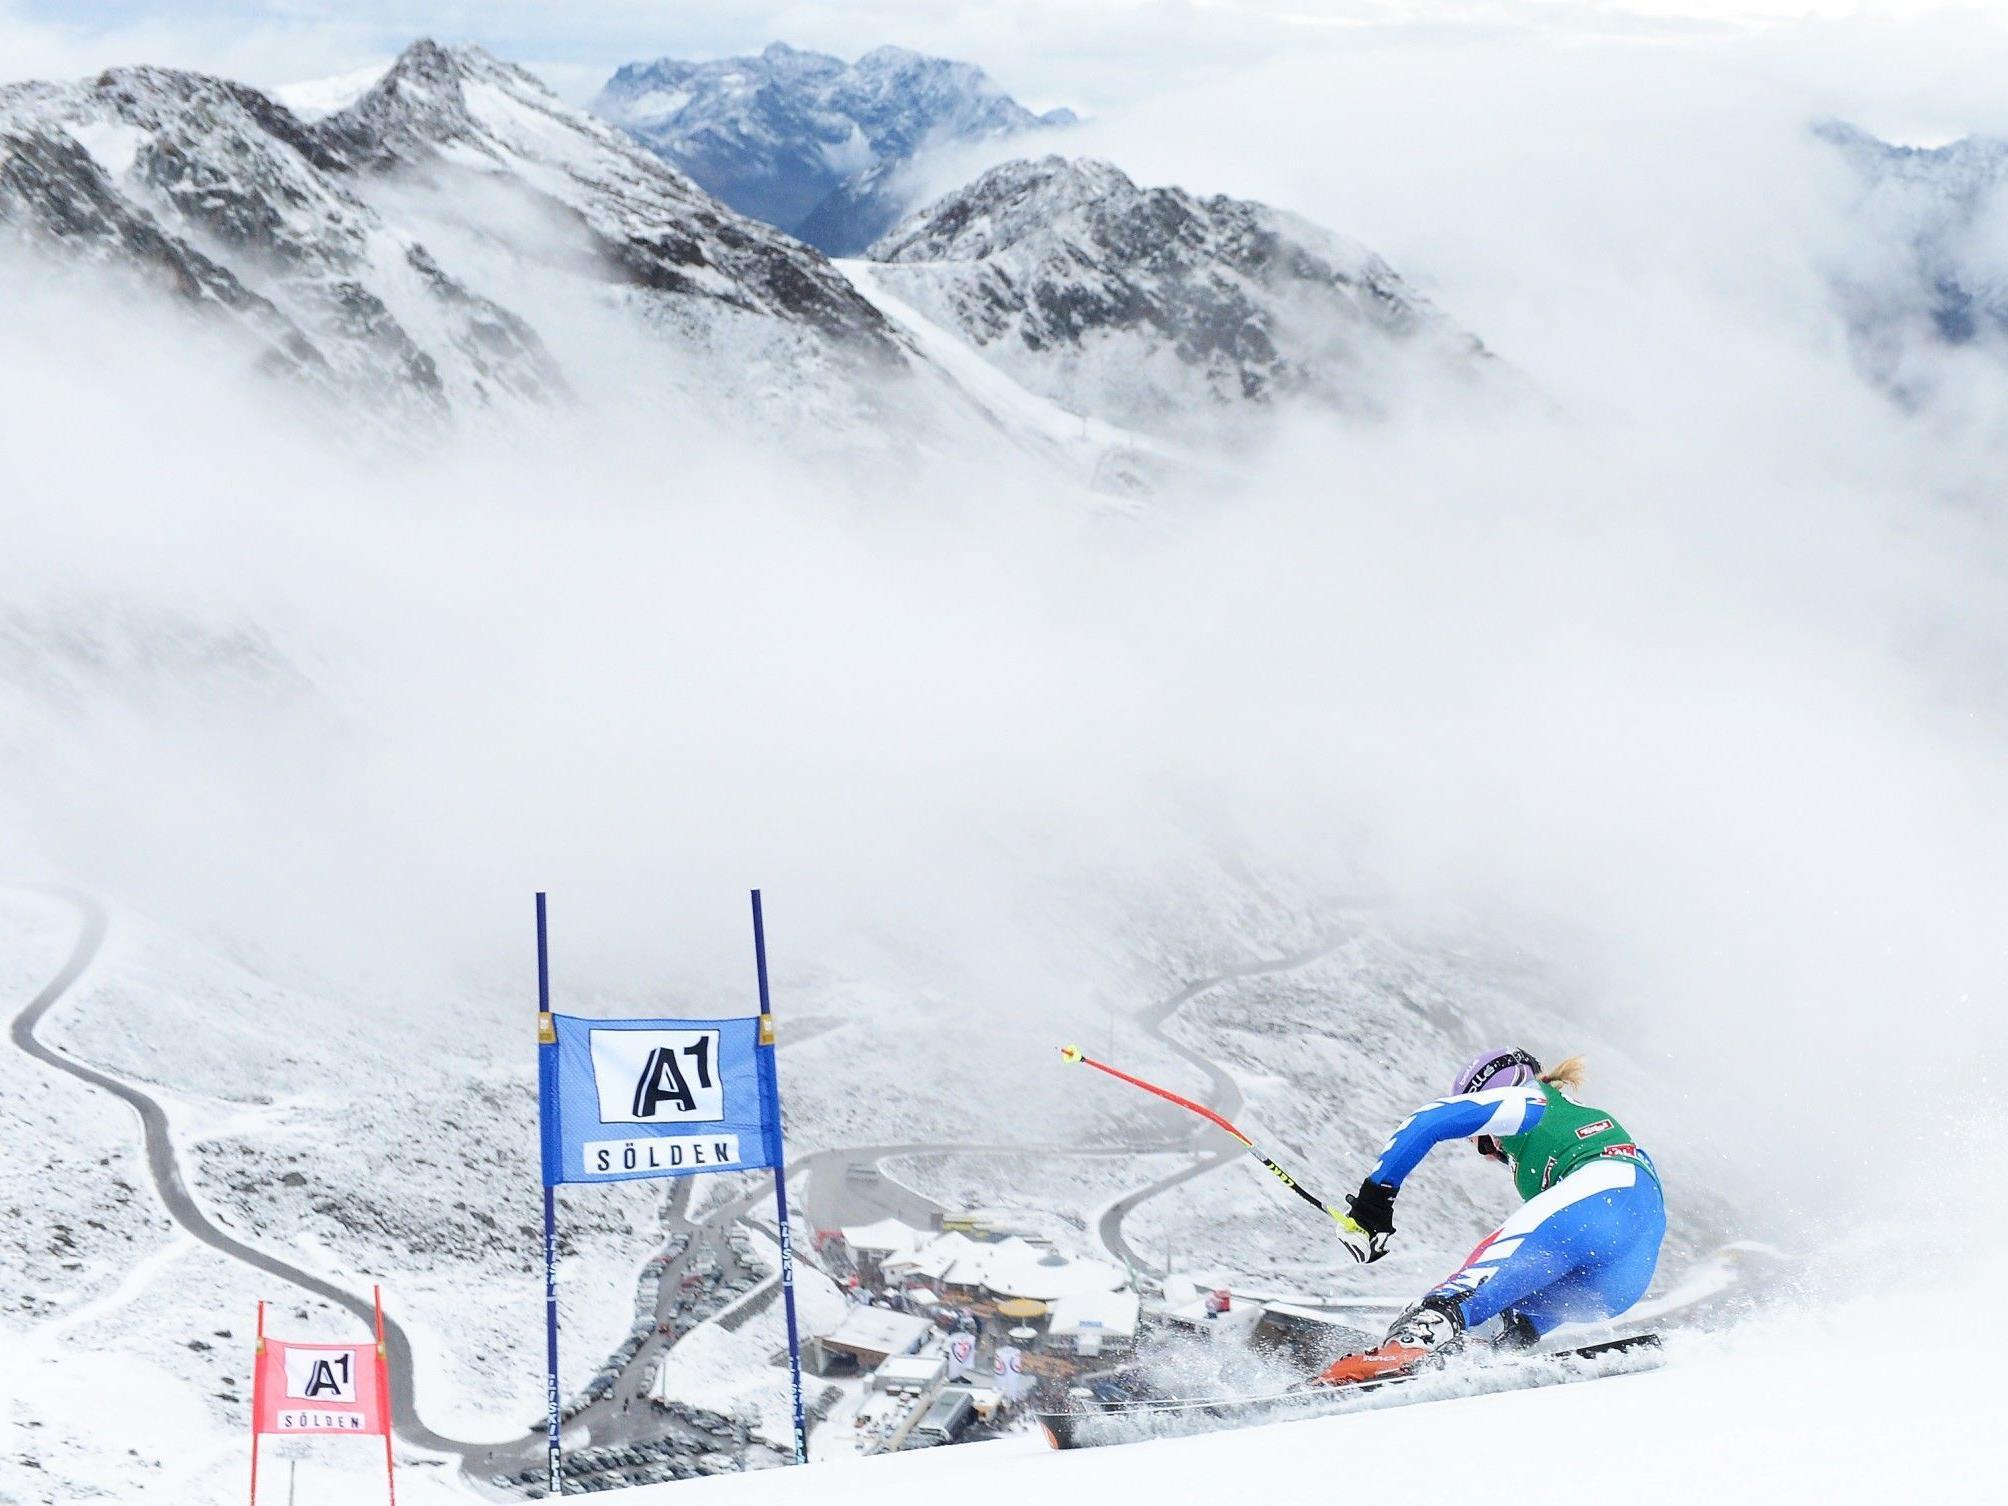 Tina Maze führt zur Halbzeit beim Weltcup-Auftakt in Sölden.